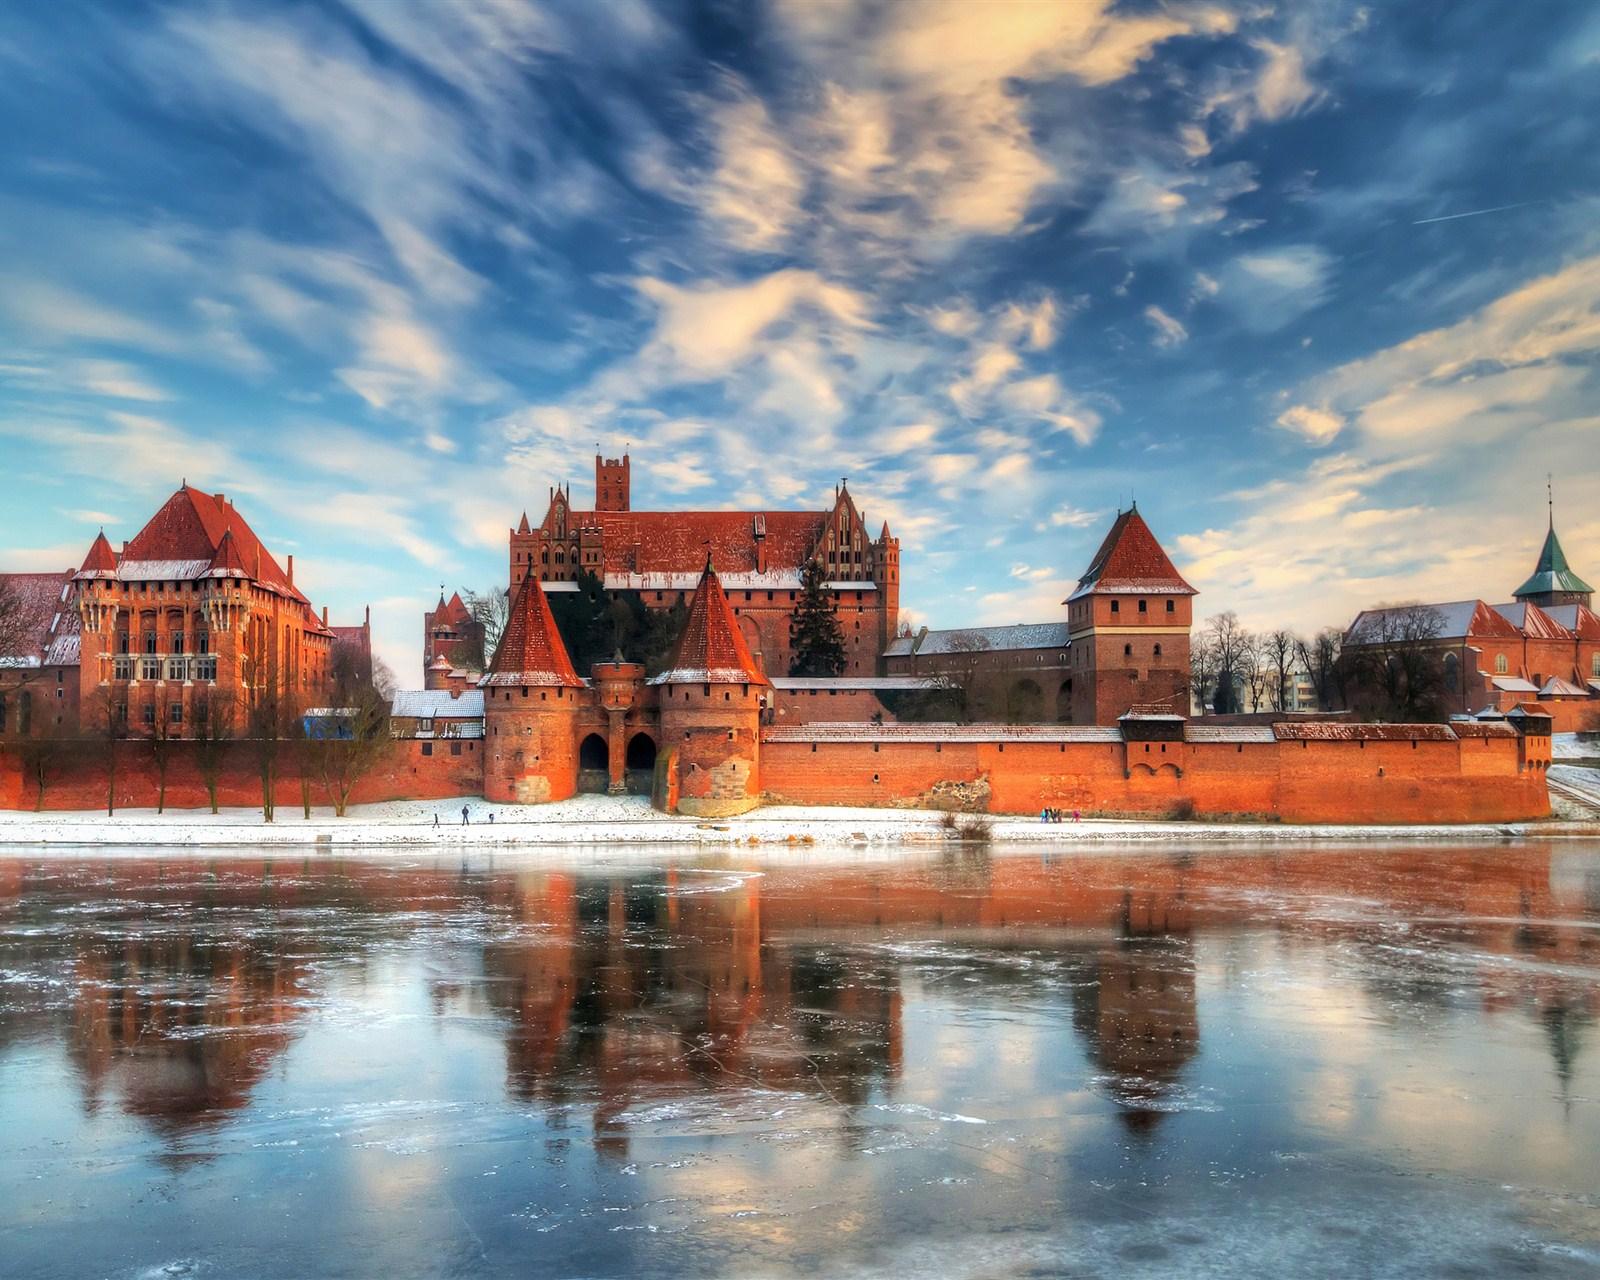 唯美欧式城堡图片